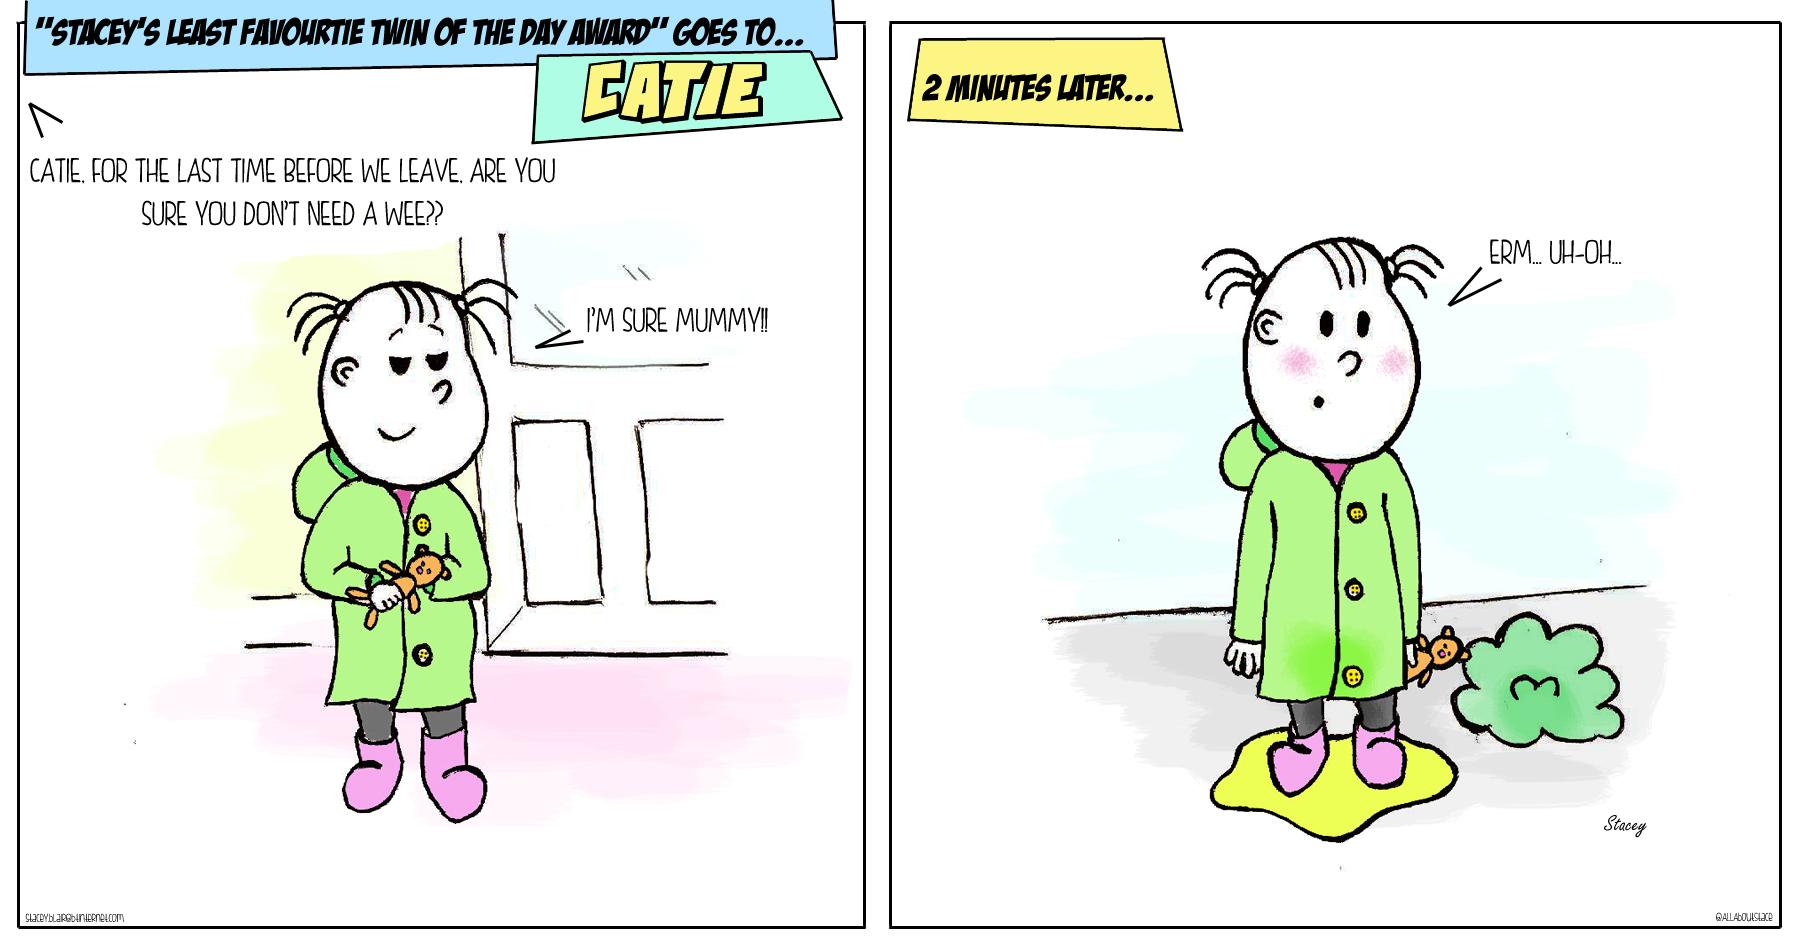 Catie wee